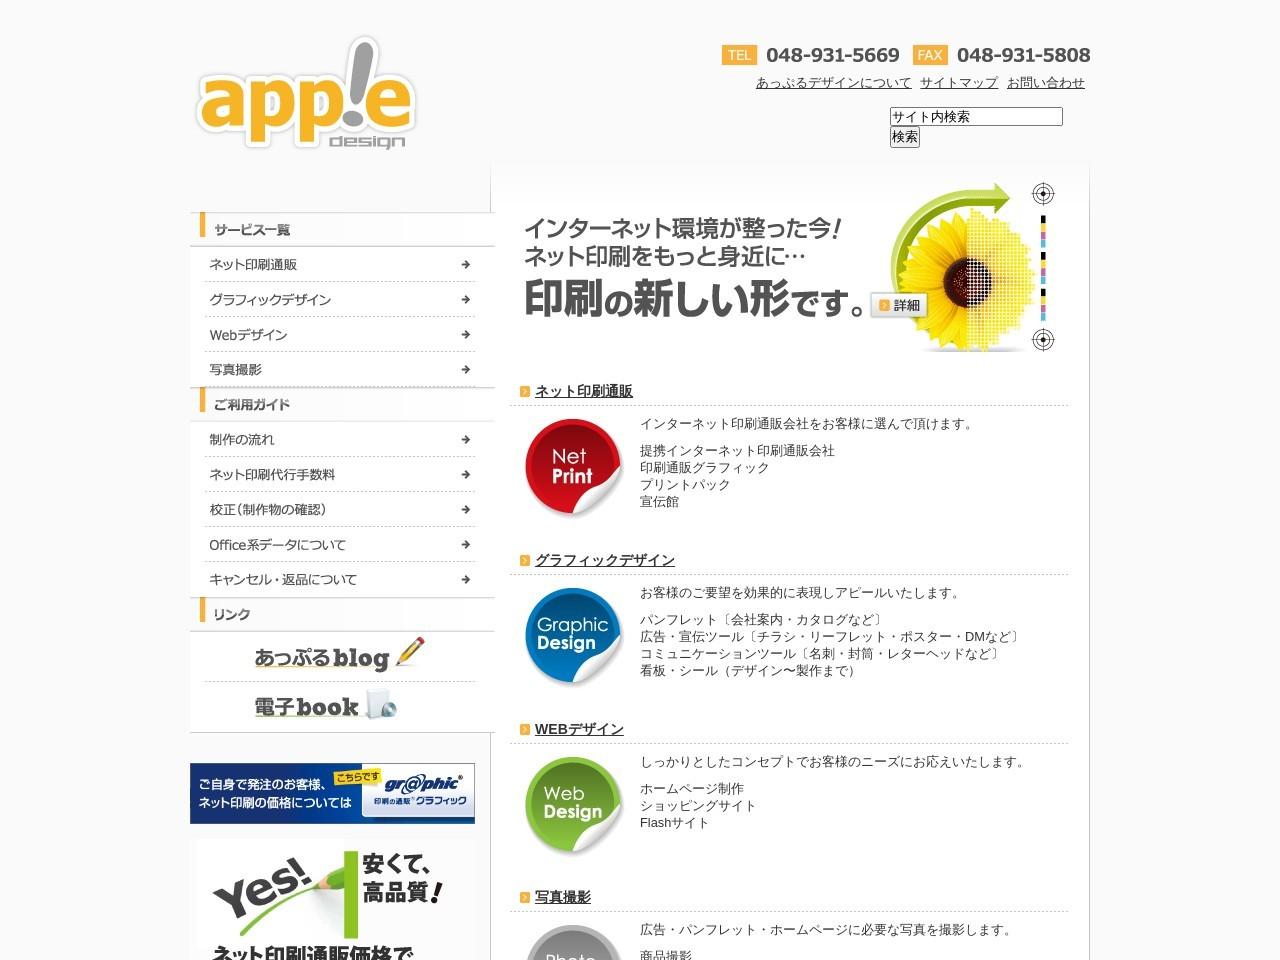 あっぷるデザイン | 埼玉県草加市を拠点に活動するデザイン事務所(広告デザイン・ネット印刷・ホームページ制作)